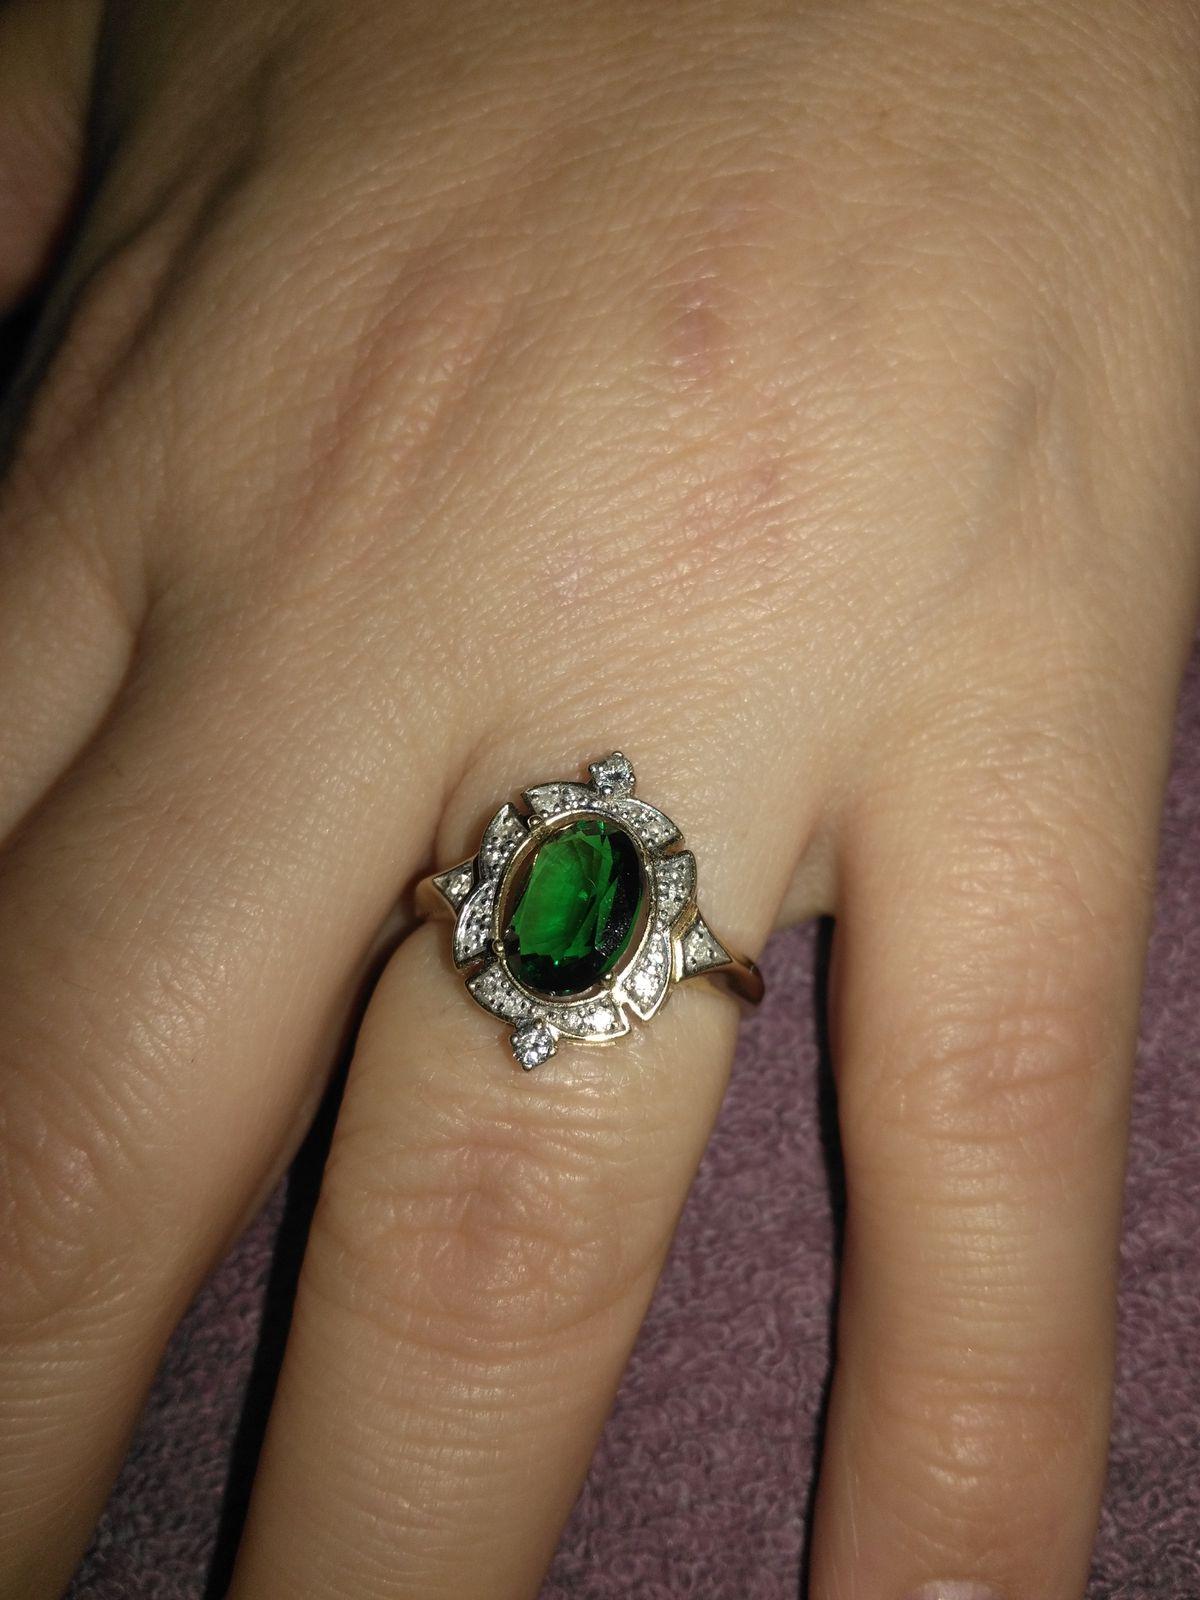 Кольцо очень шикарное.Смотрится на руке элегантно.Подходит к разным нарядам